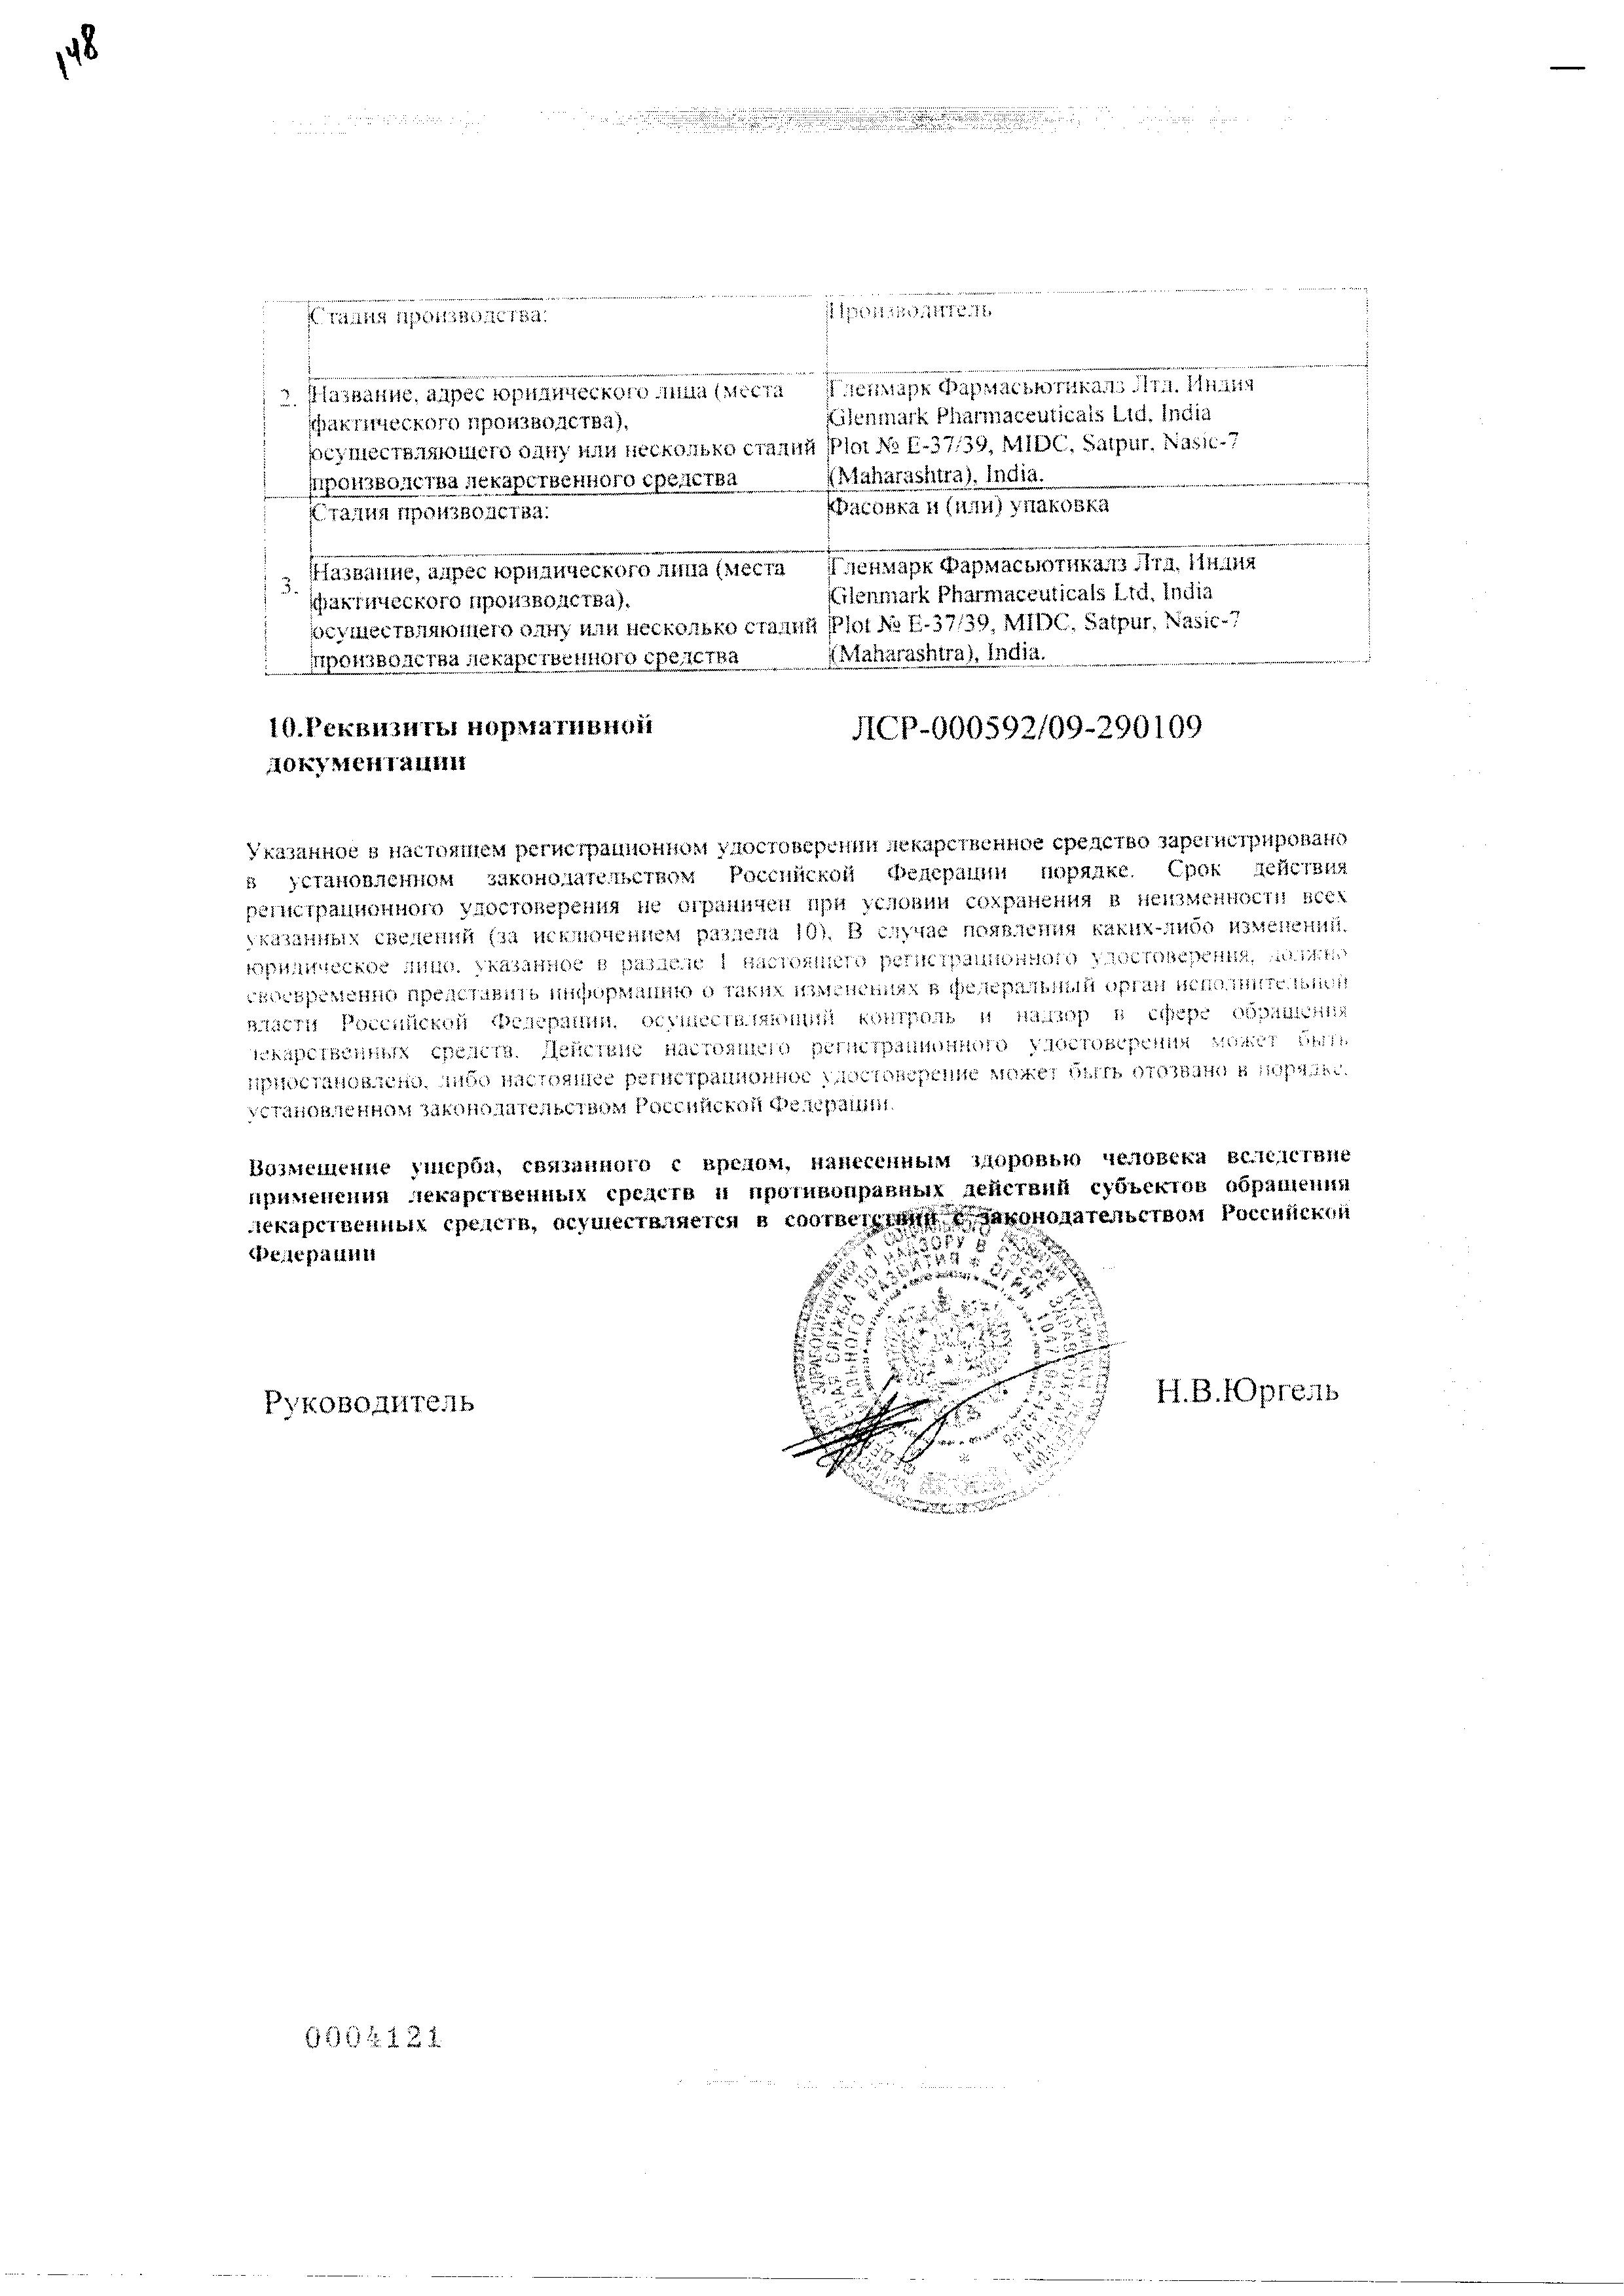 Супироцин сертификат